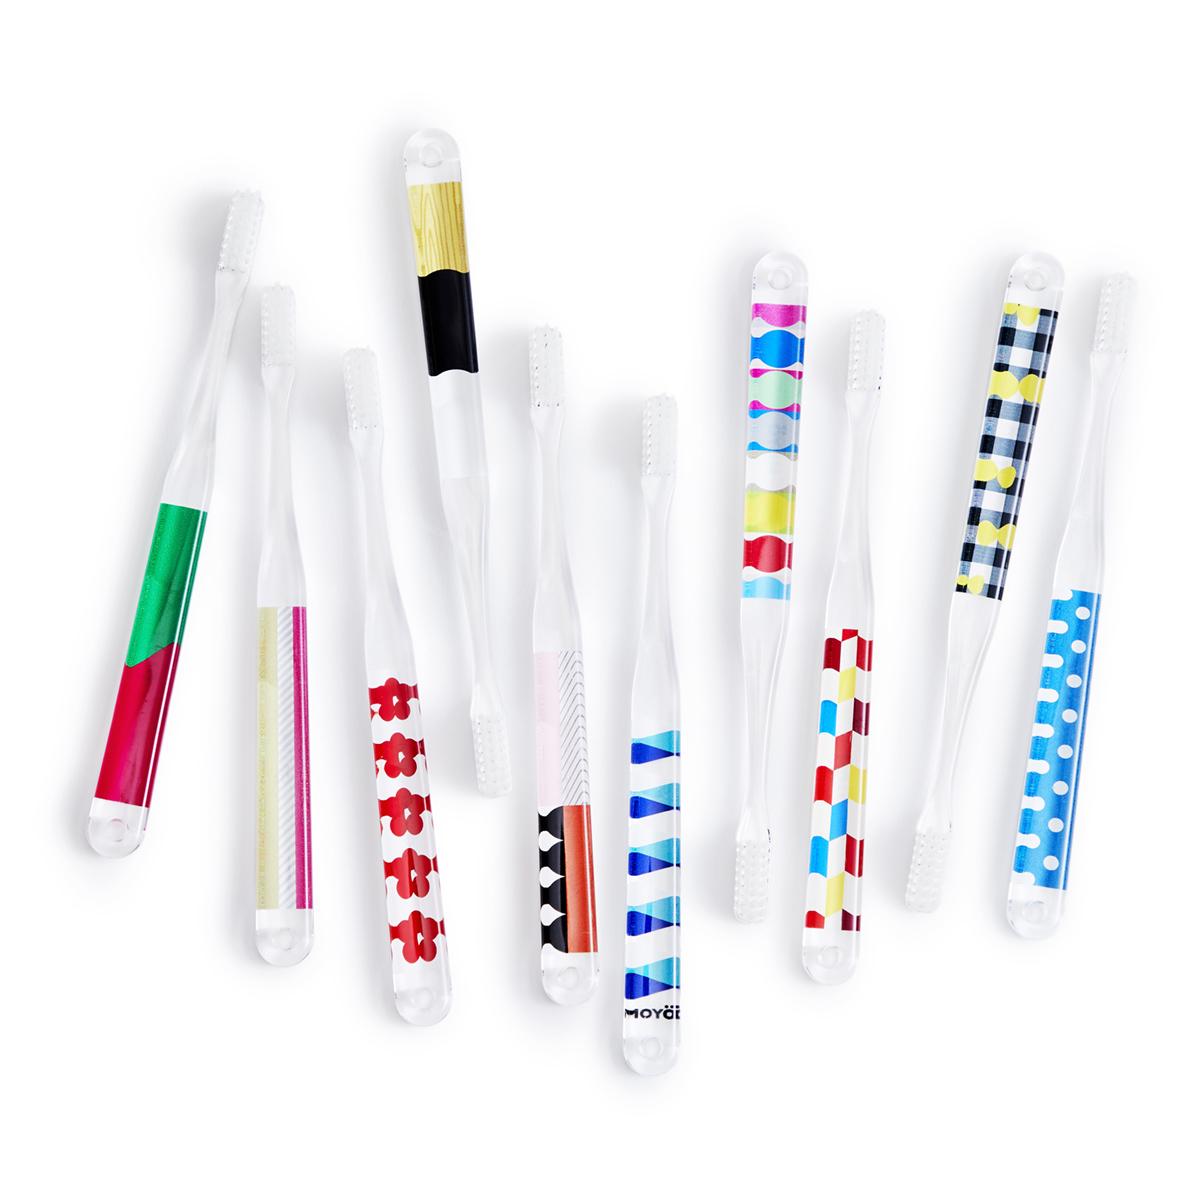 疲れた脳をリフレッシュする「歯磨き習慣」|《大人用》歯磨きで疲れた脳をリフレッシュ、歯科医が設計した歯ブラシ|MOYÖ